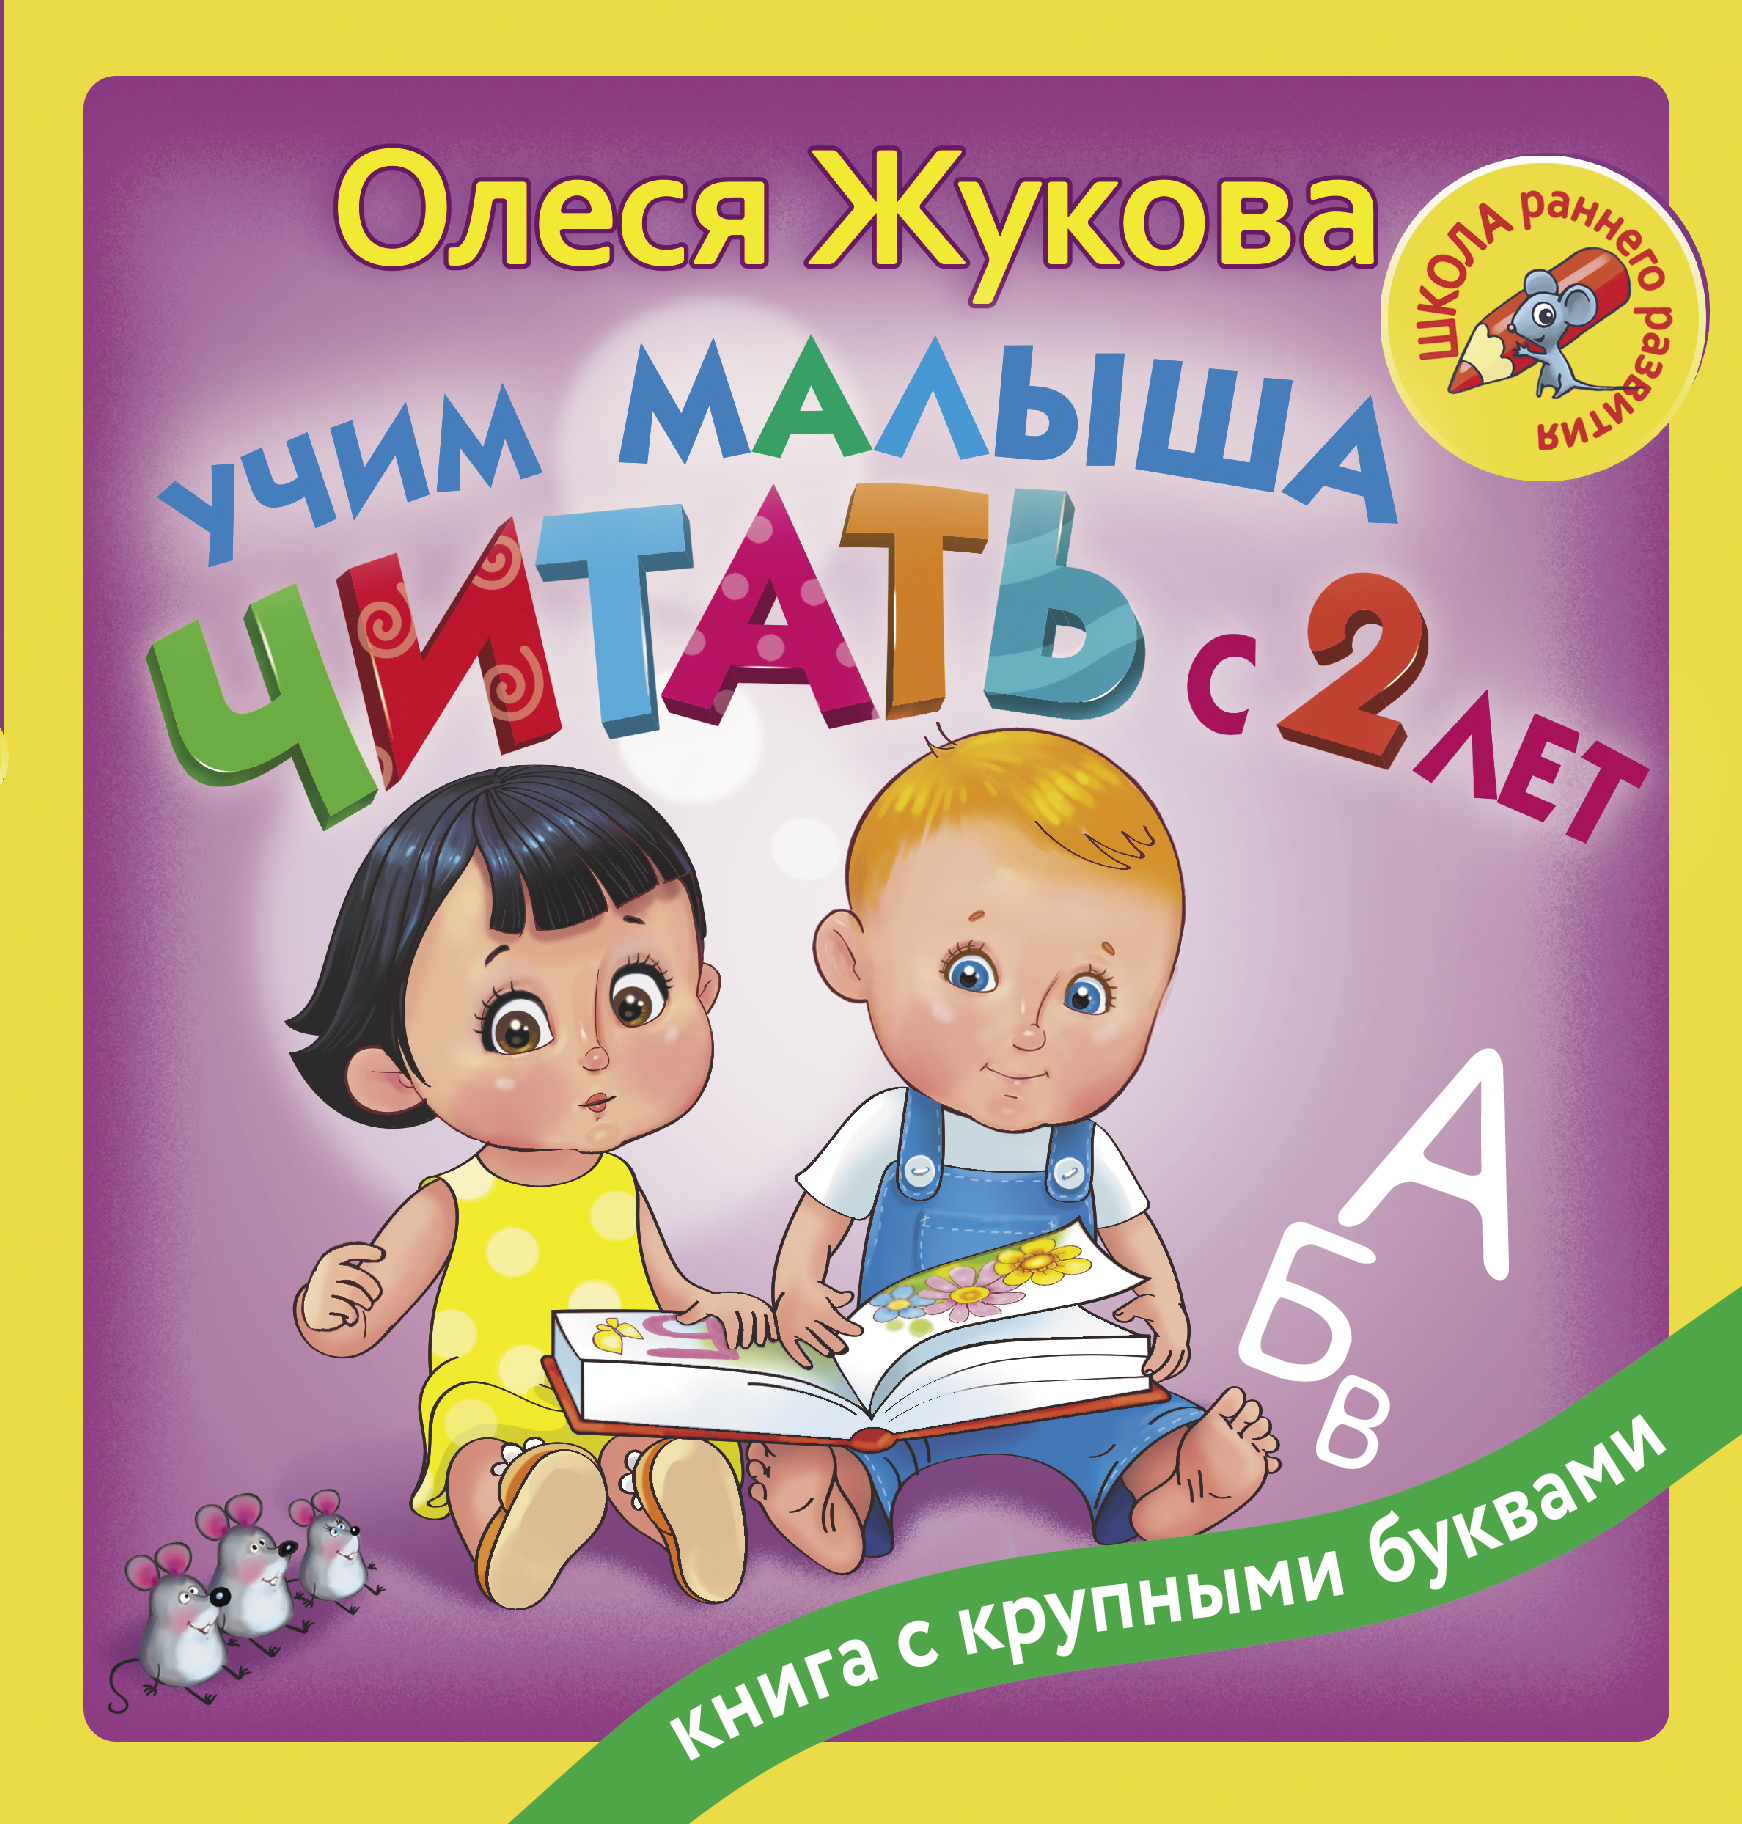 Олеся Жукова Учим малыша читать с 2 лет